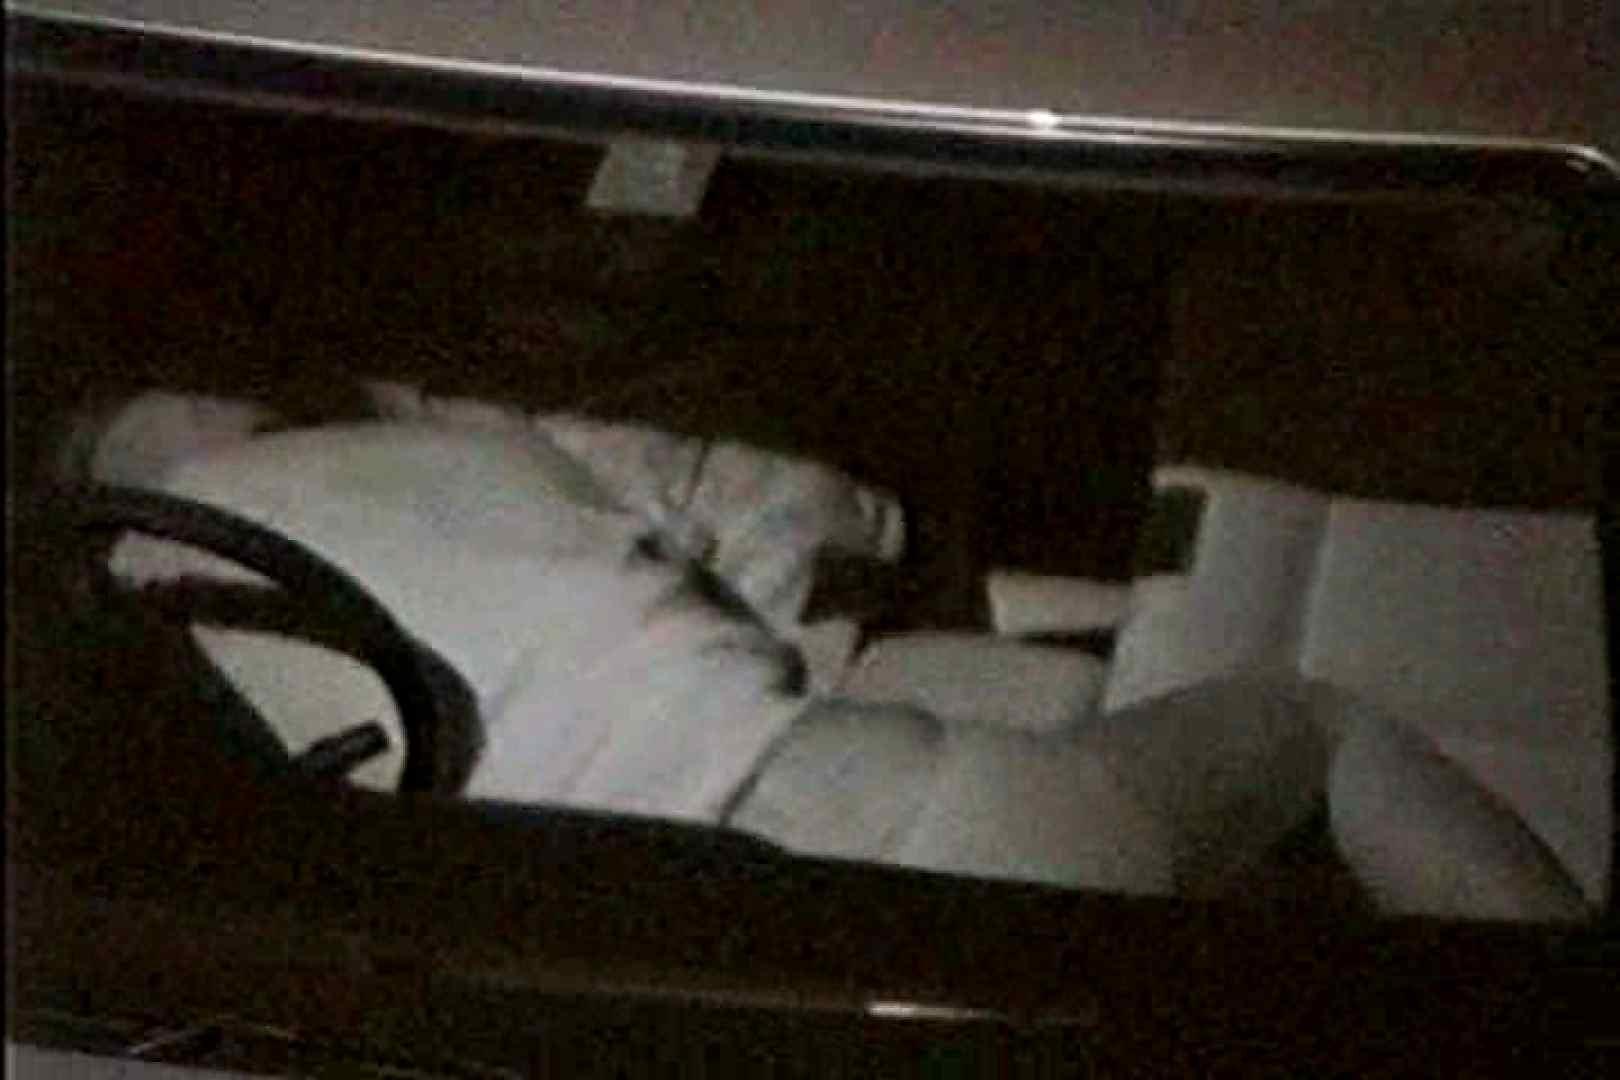 車の中はラブホテル 無修正版  Vol.8 ラブホテル AV無料動画キャプチャ 102PIX 31